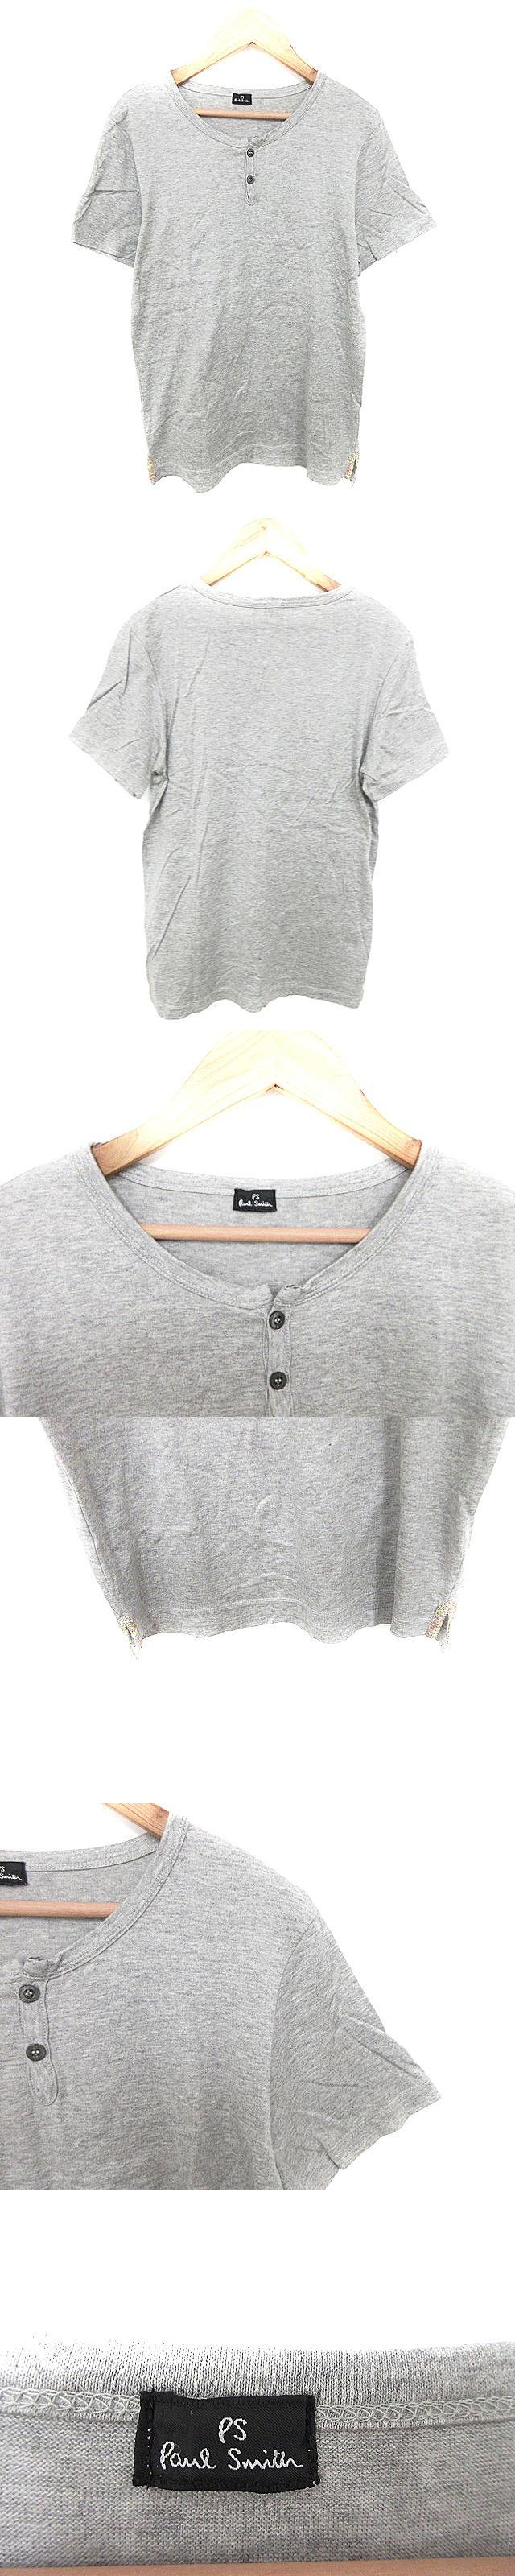 Tシャツ カットソー 半袖 ヘンリーネック /AAO38